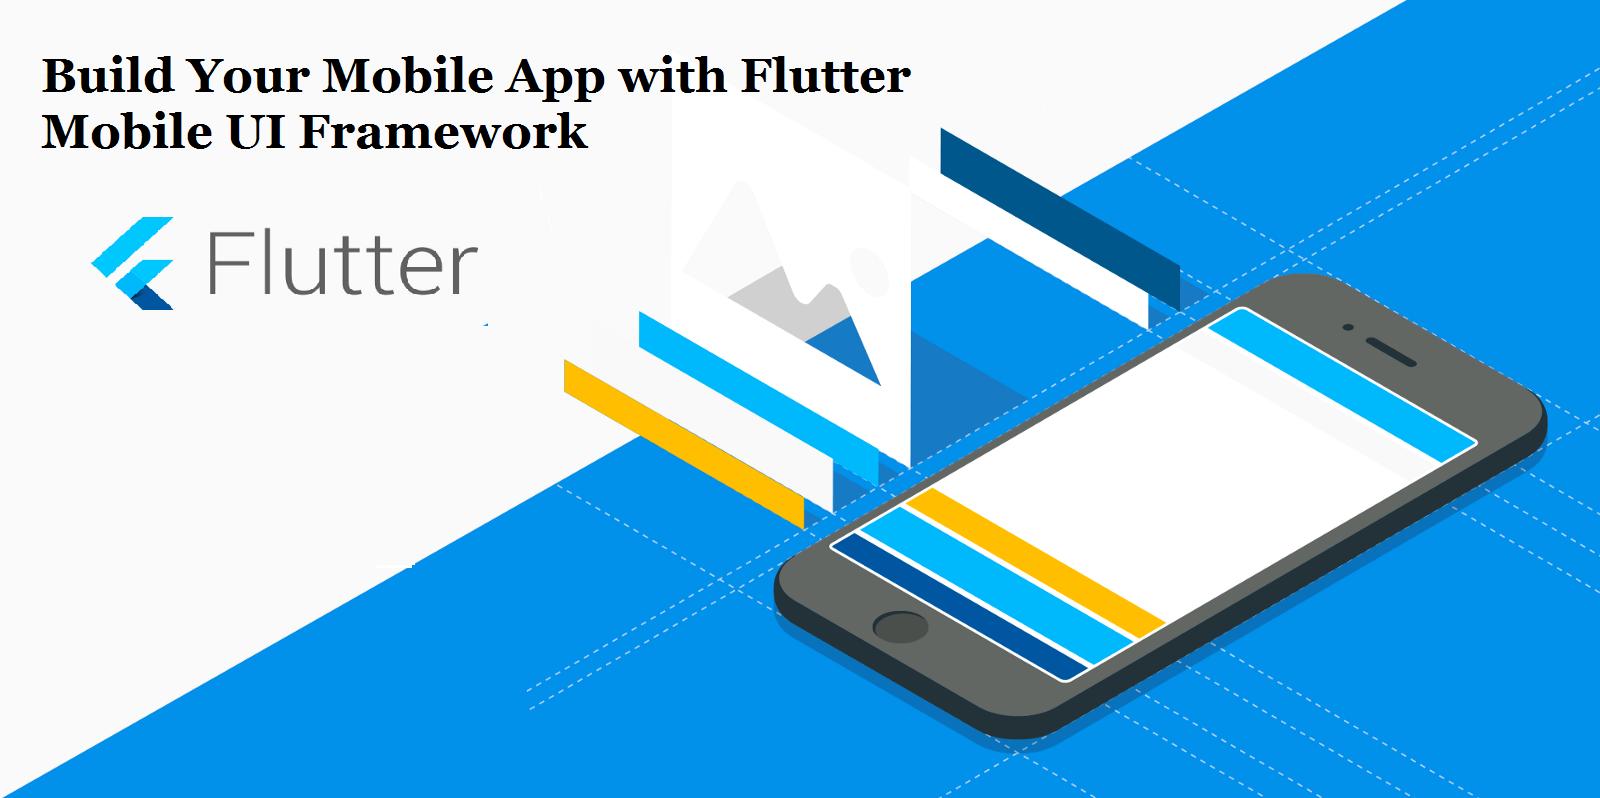 Build Your Mobile App with Flutter - Mobile UI Framework